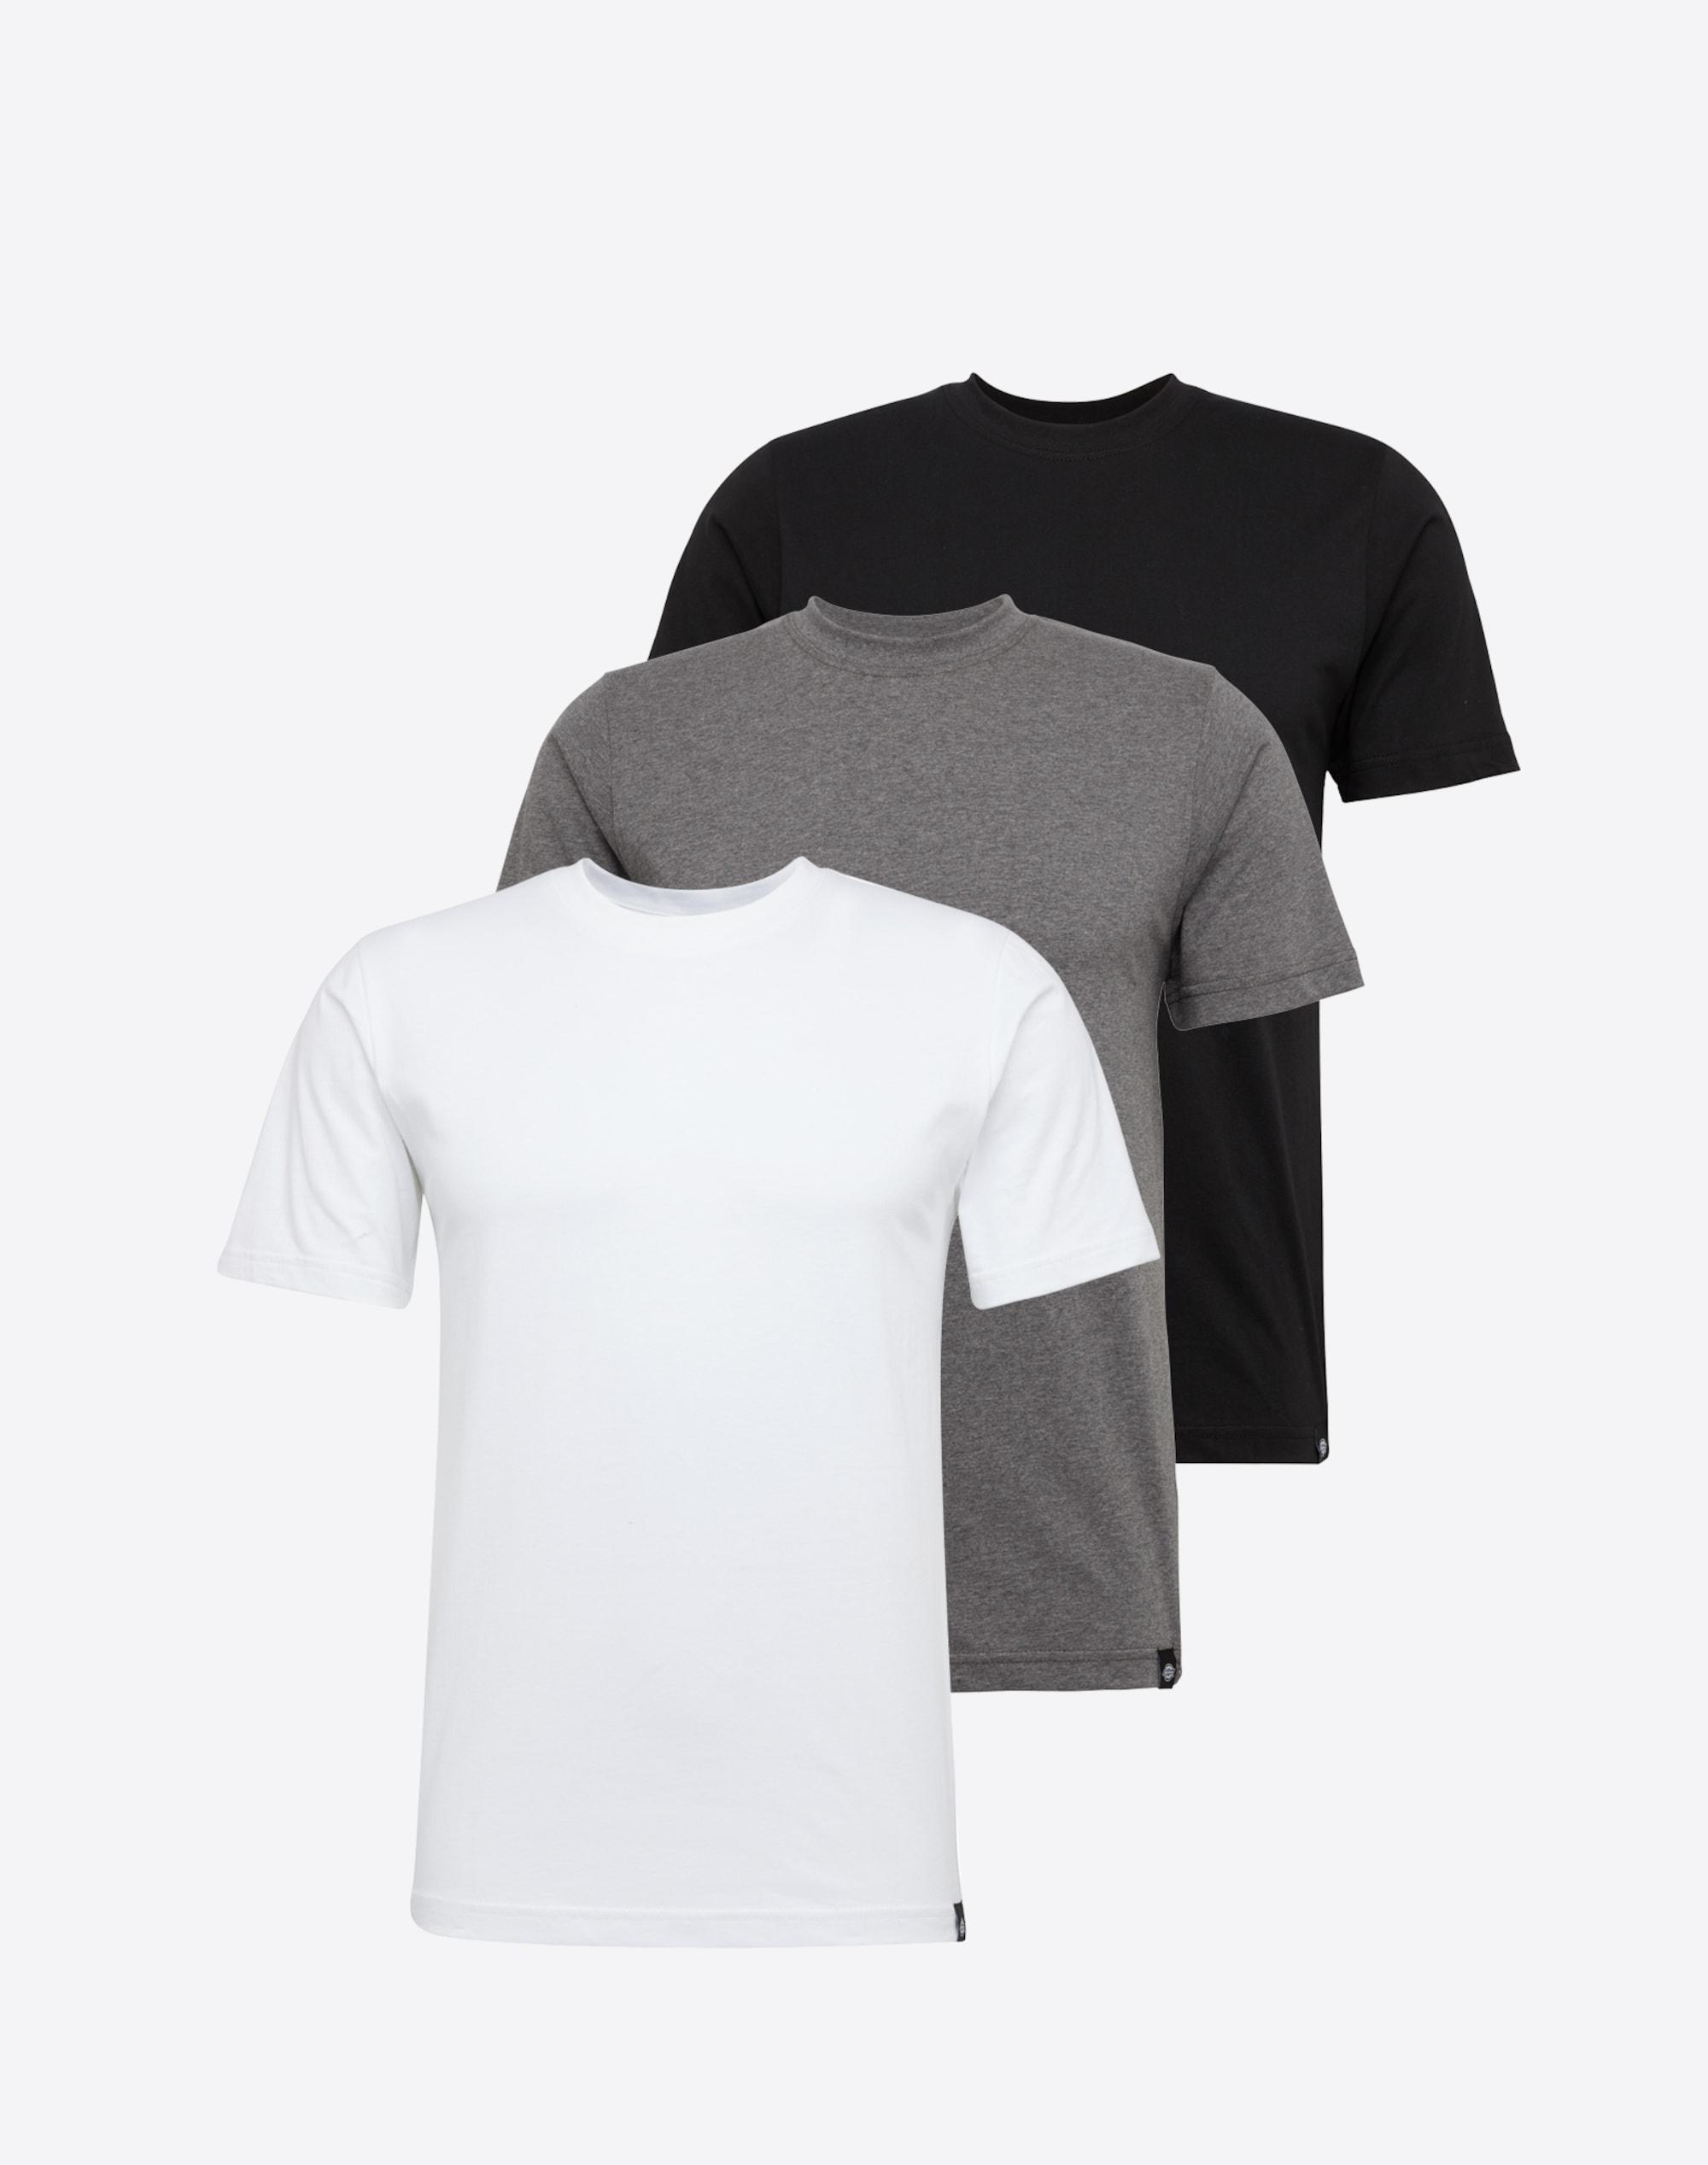 Image of Basic-Shirts